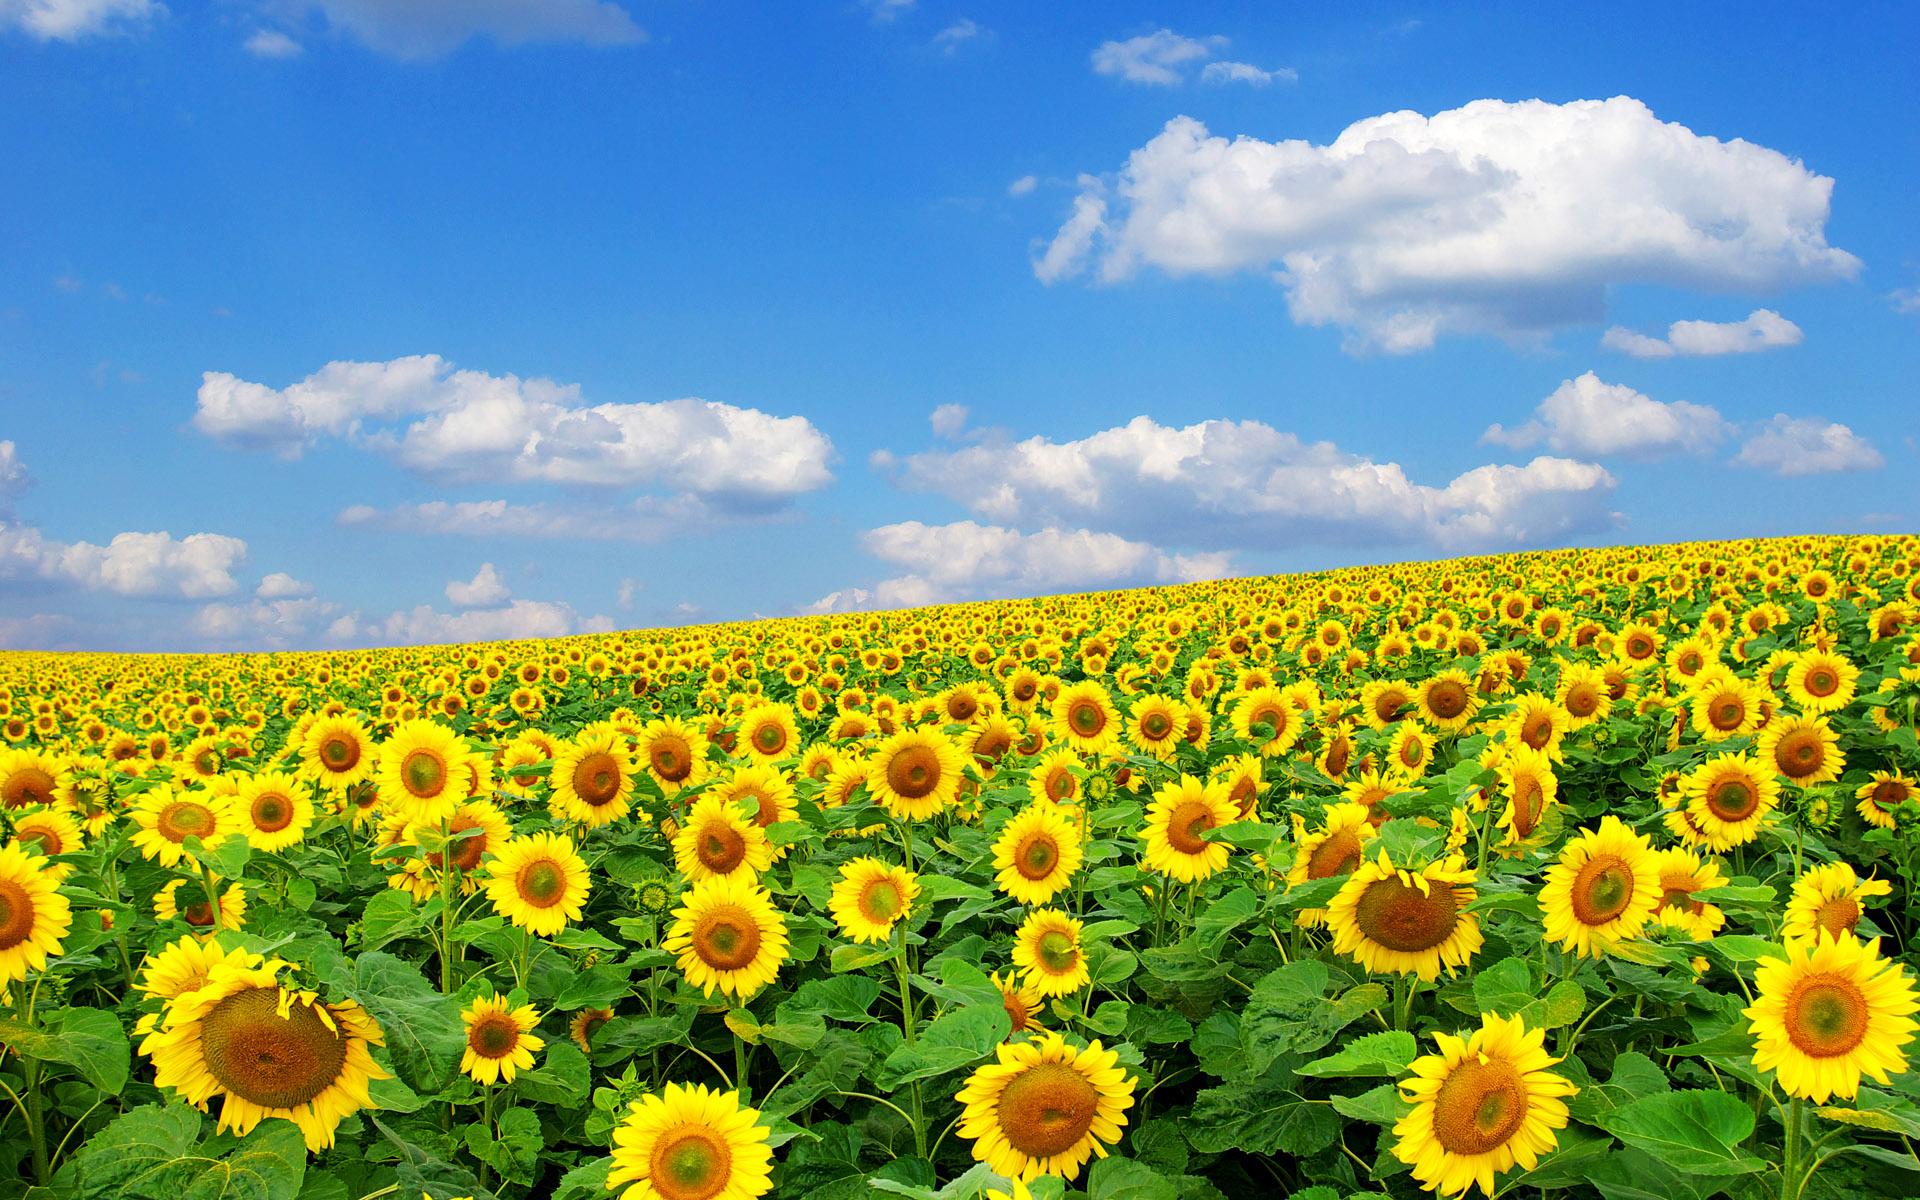 纽约时报 | 造反的太阳花:千禧世代要唱自己的歌